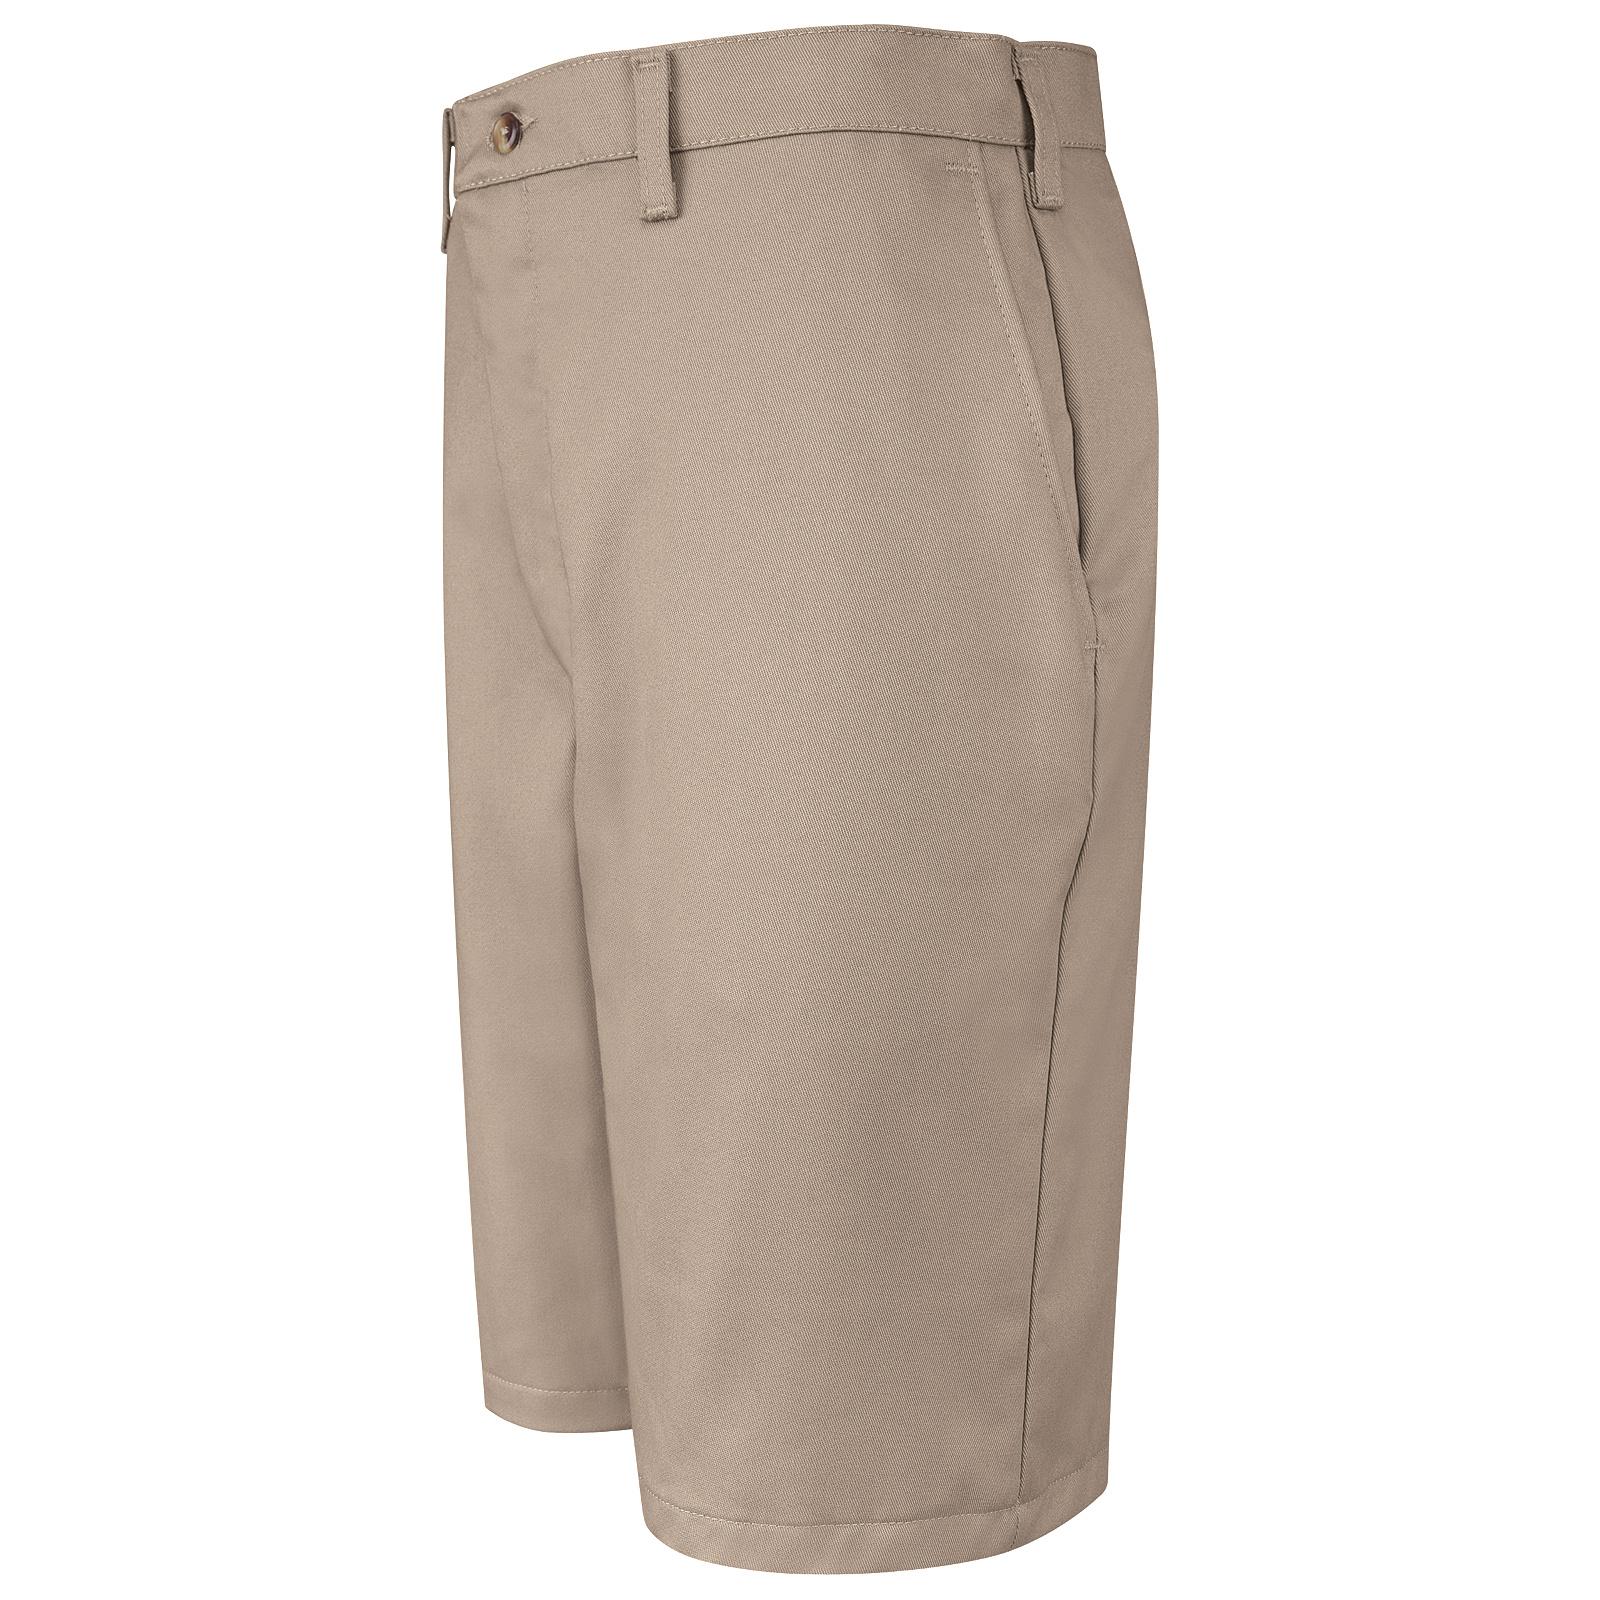 Men's Cotton Casual Plain Front Short